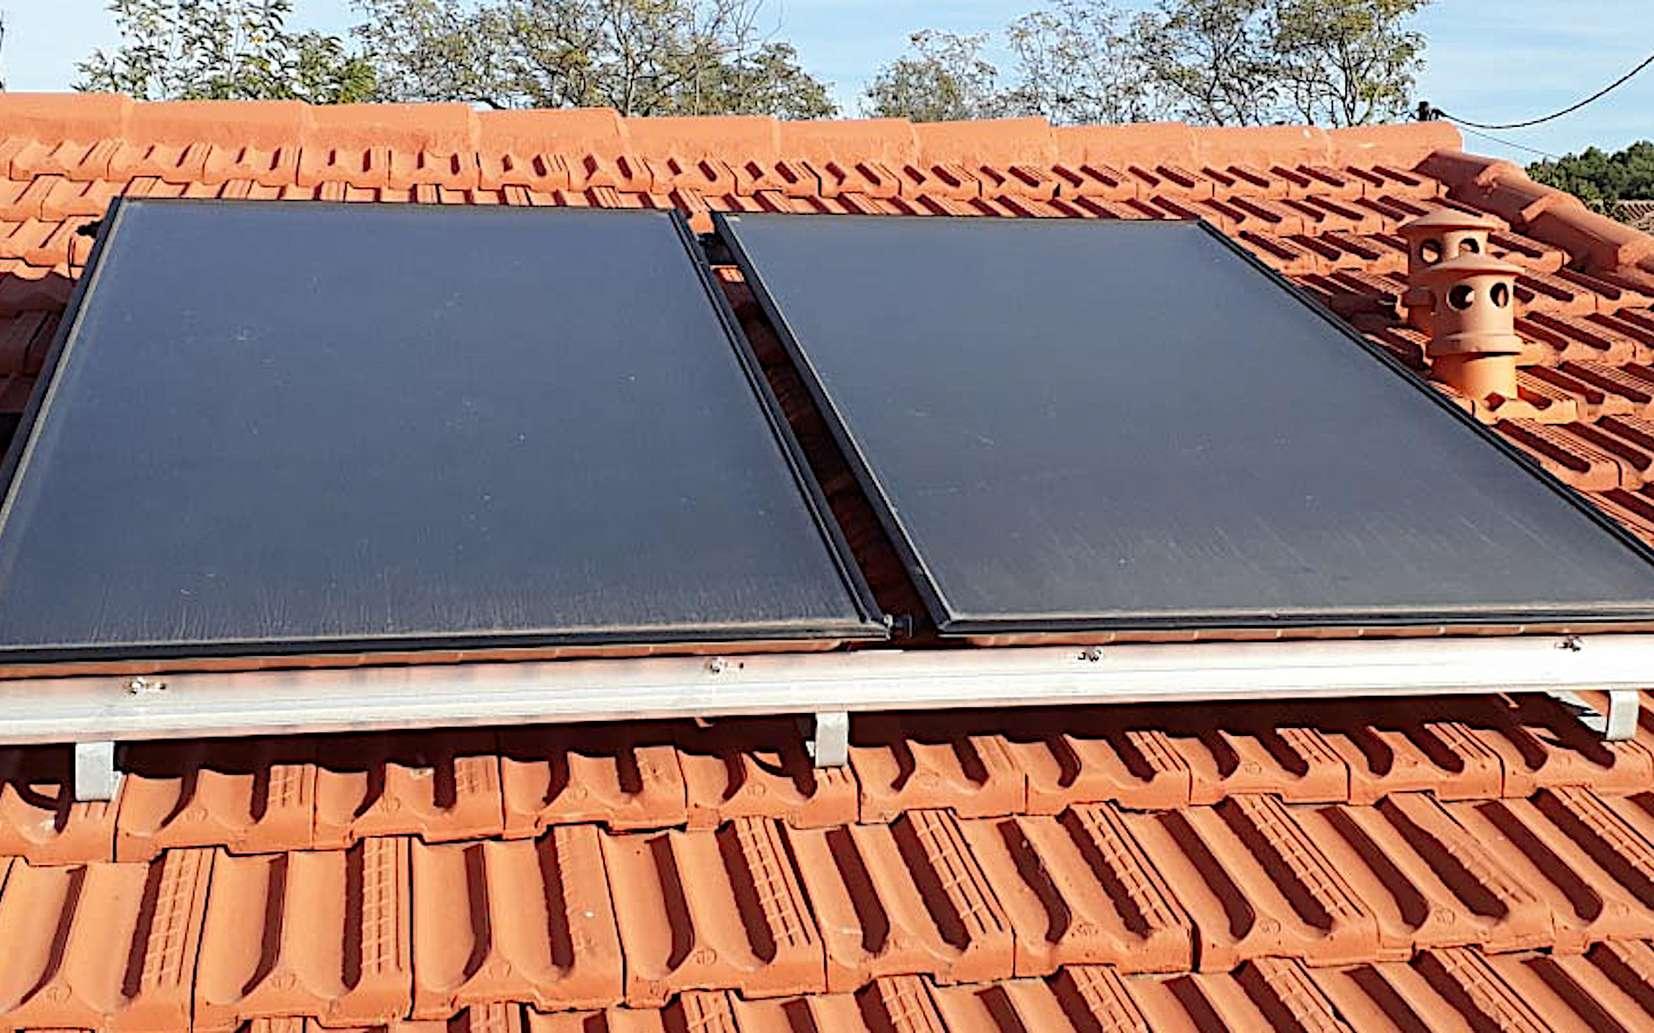 Découvrez comment installer des panneaux solaires thermiques © Soleil vert